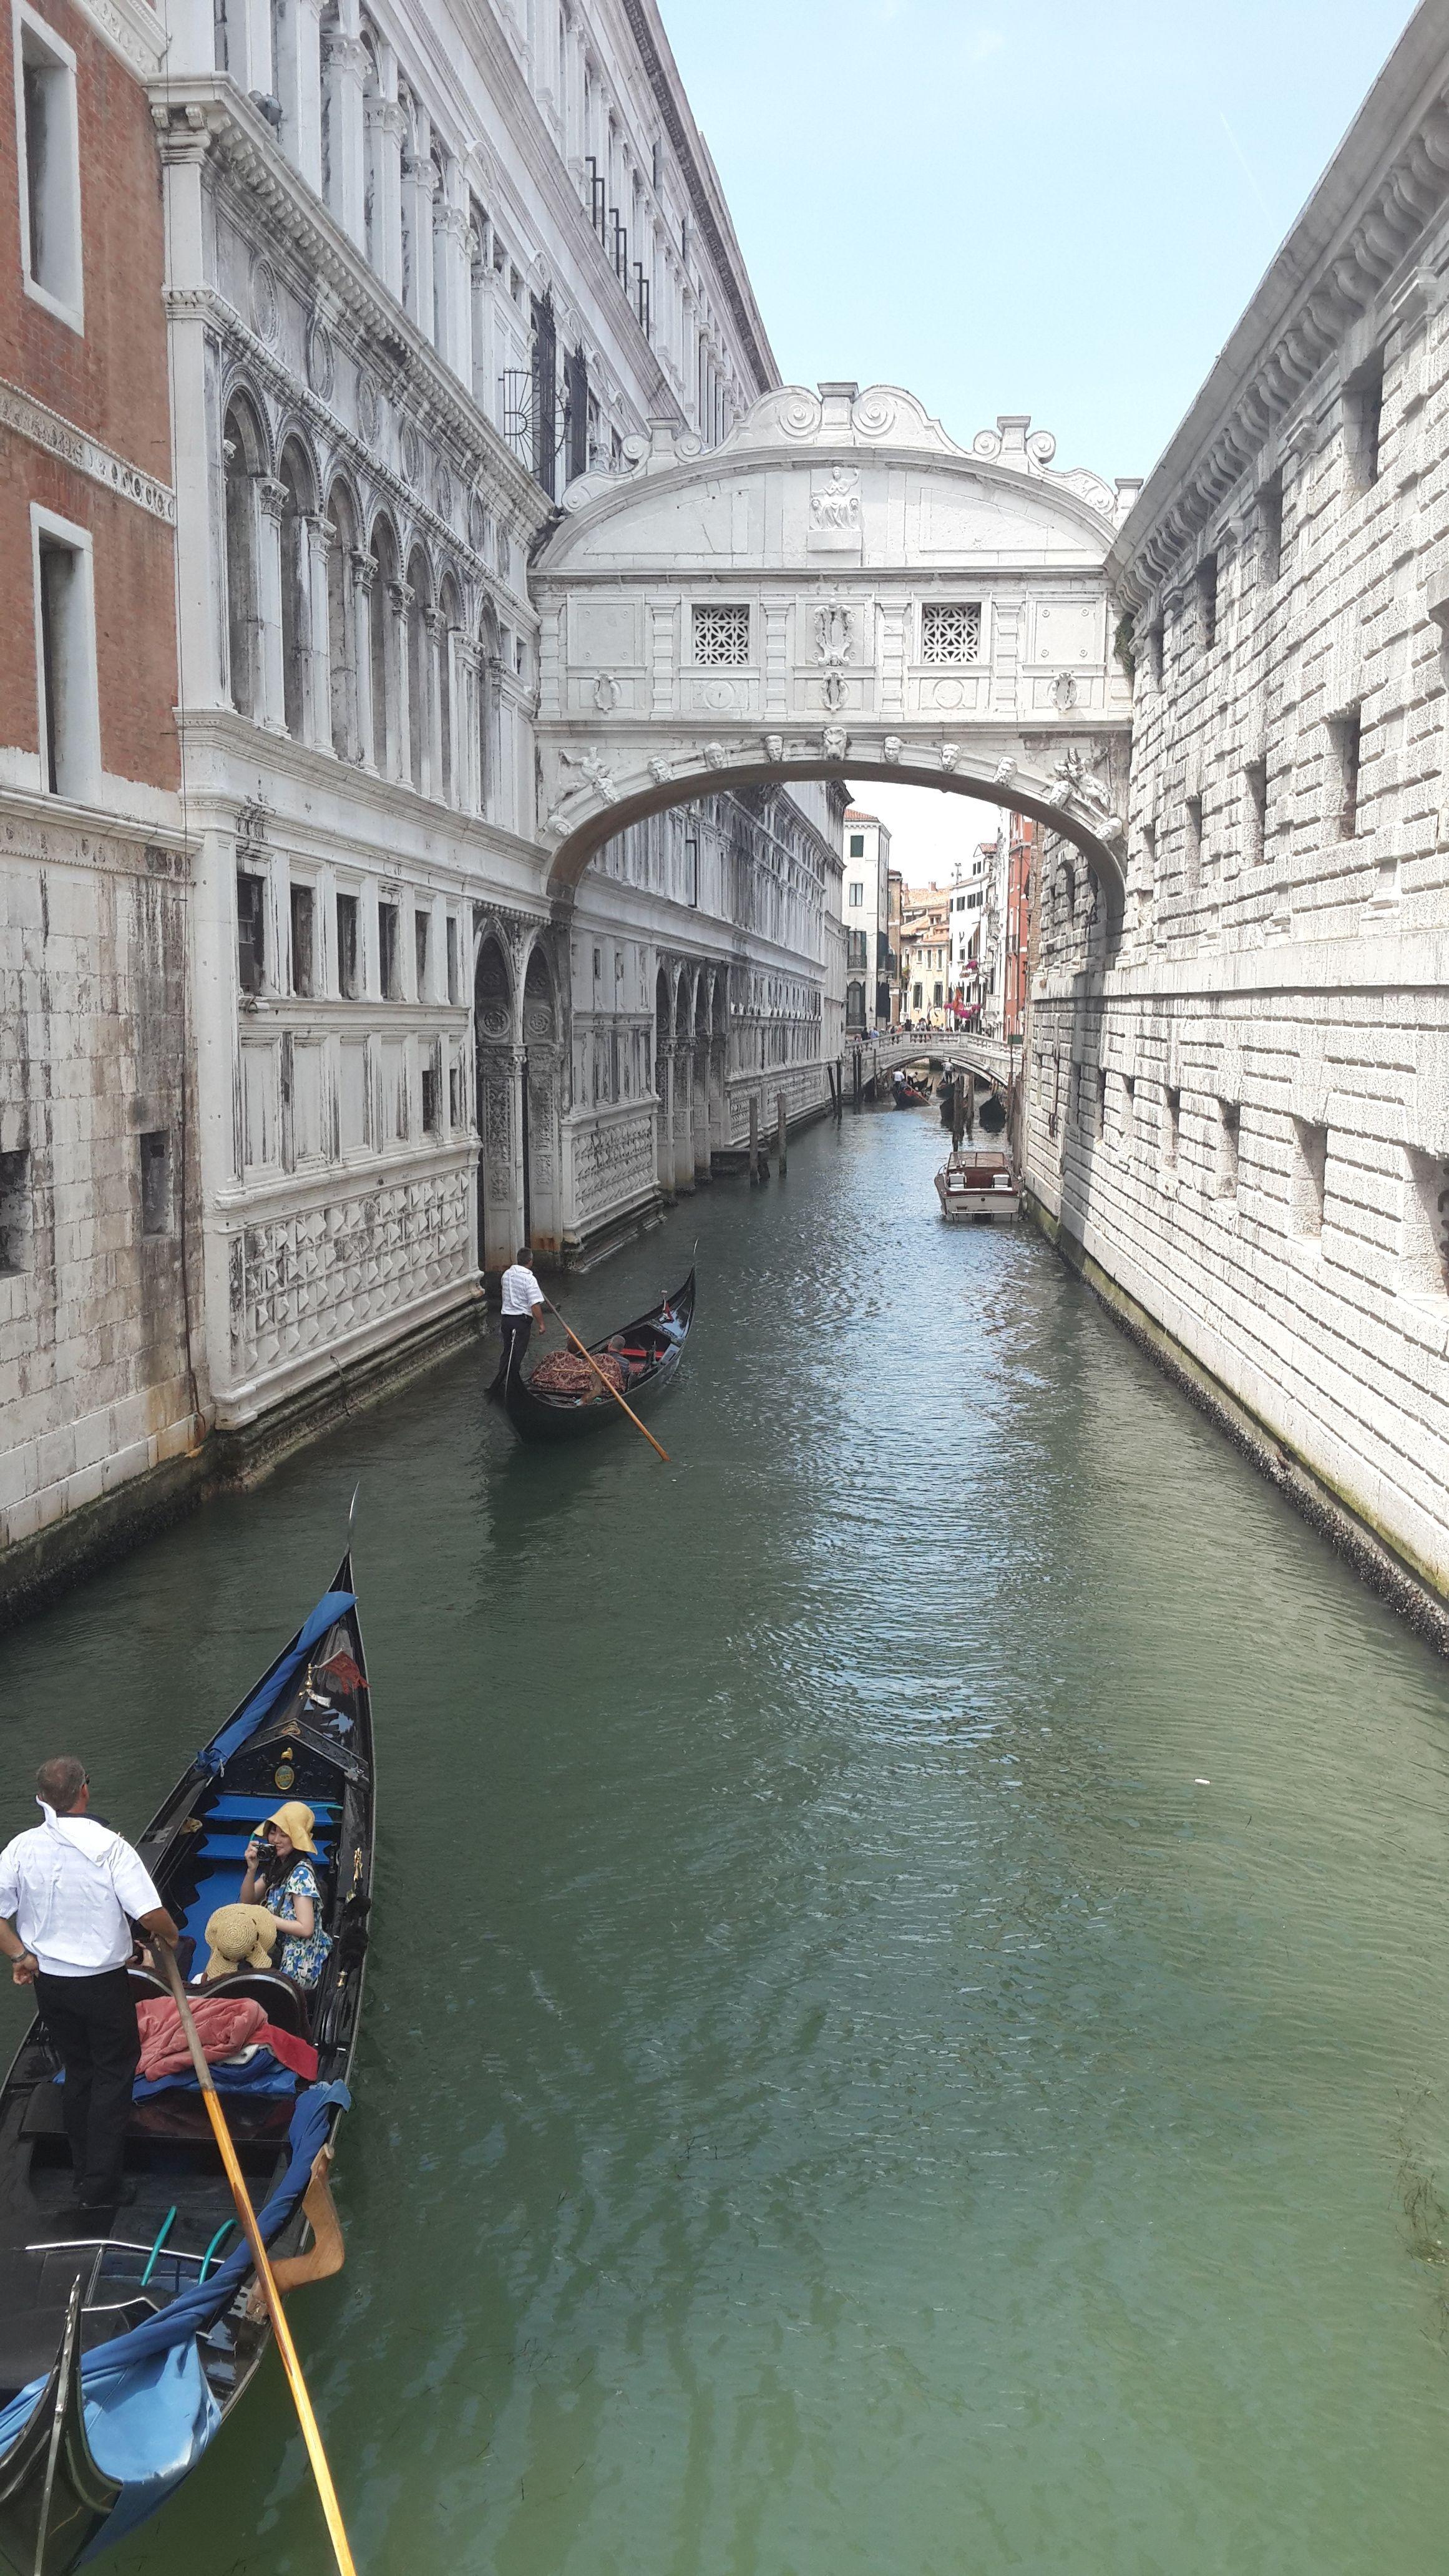 Venecia Italia Puente De Los Suspiros Puente De Los Suspiros Viajes Venecia